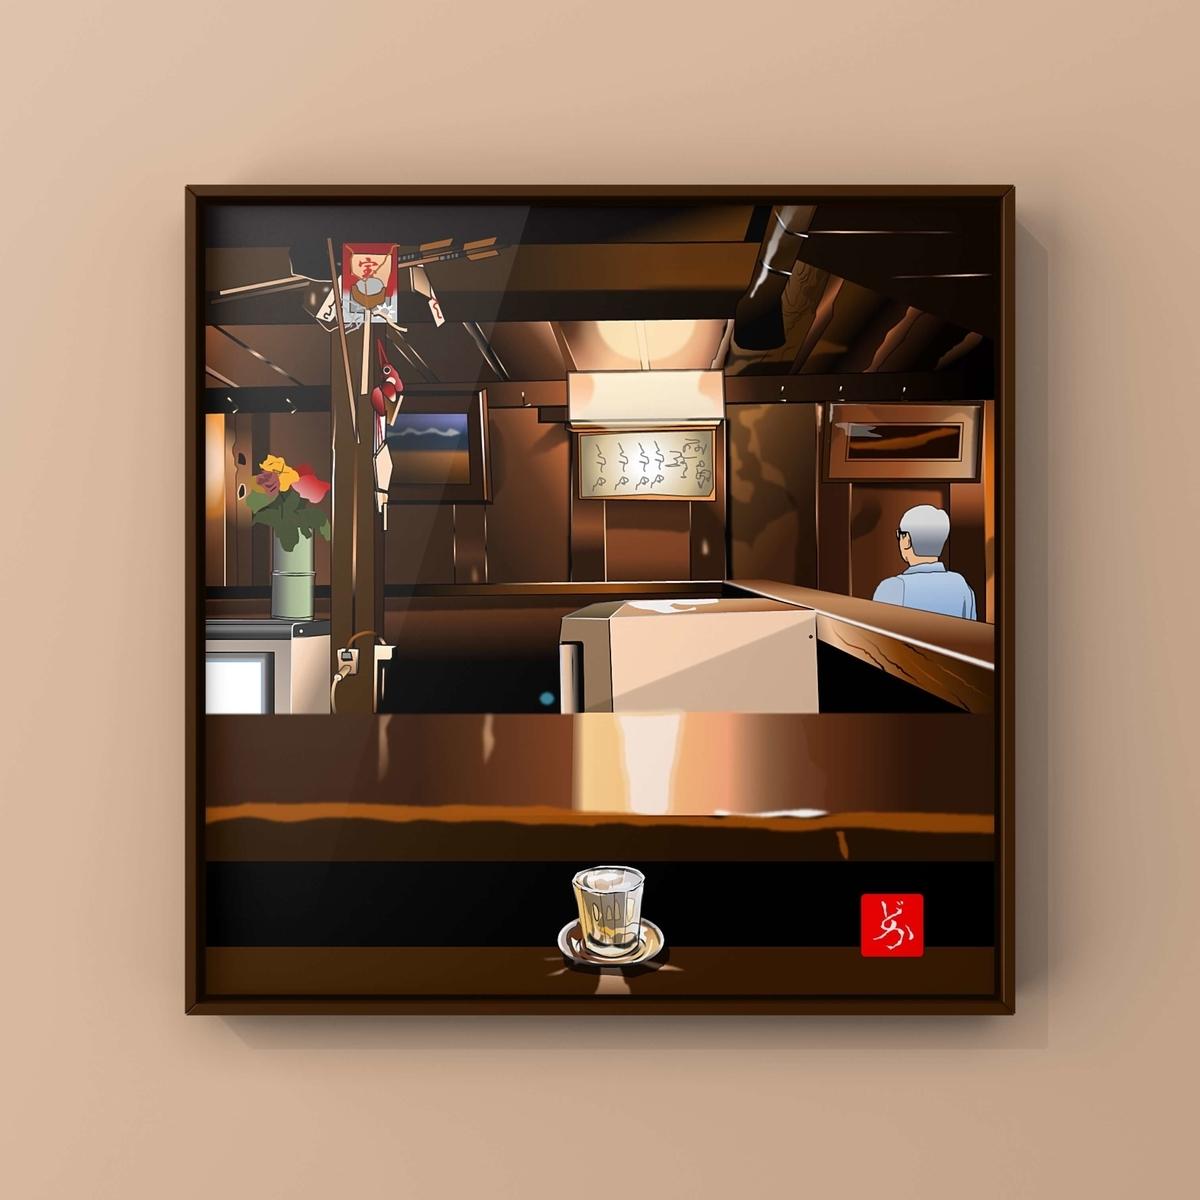 仙台の居酒屋「源氏」のエクセル画イラスト額装版